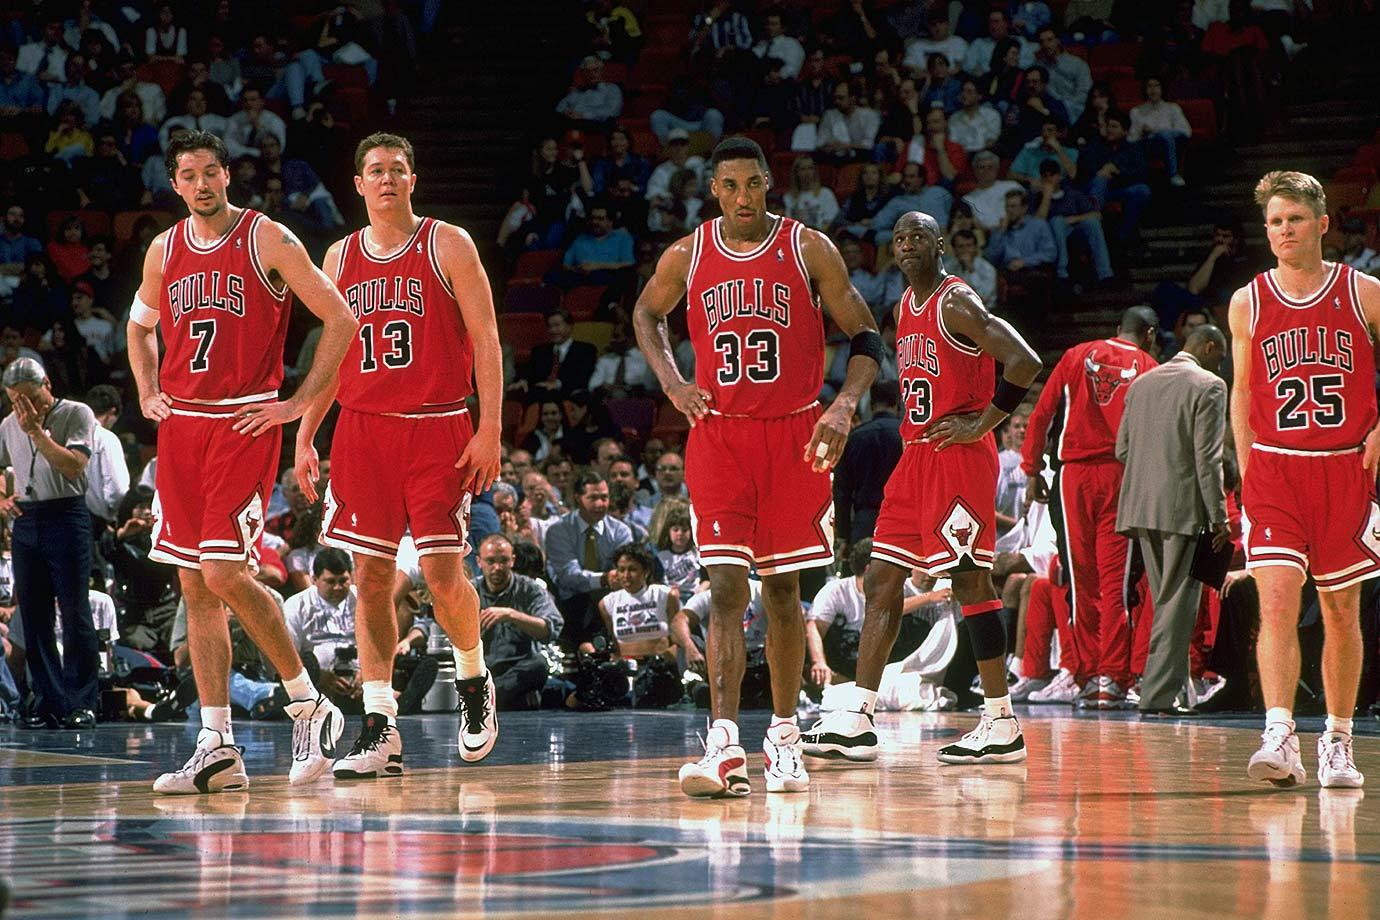 January 30, 1996 — Chicago Bulls vs. Houston Rockets